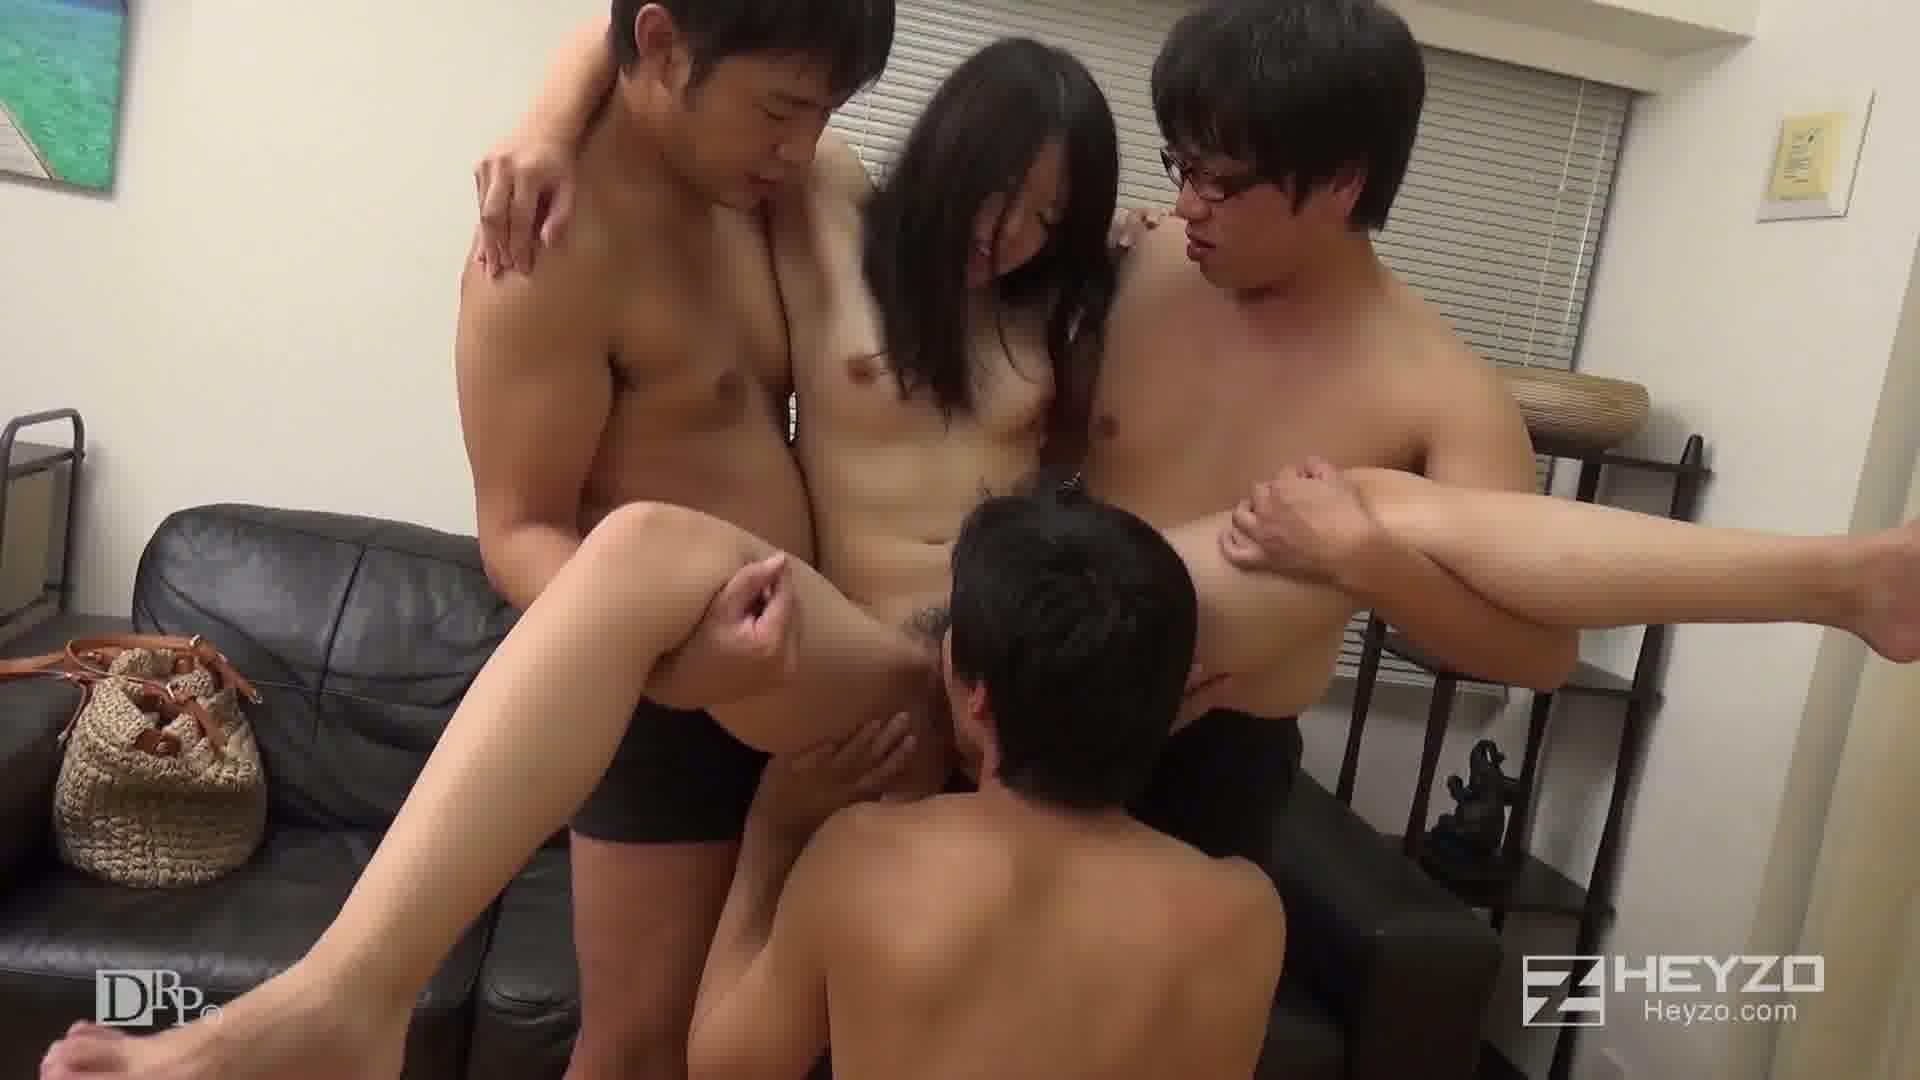 都会の洗礼 後編 - 双葉愛【クンニ フェラ 正常位 背面騎乗位】